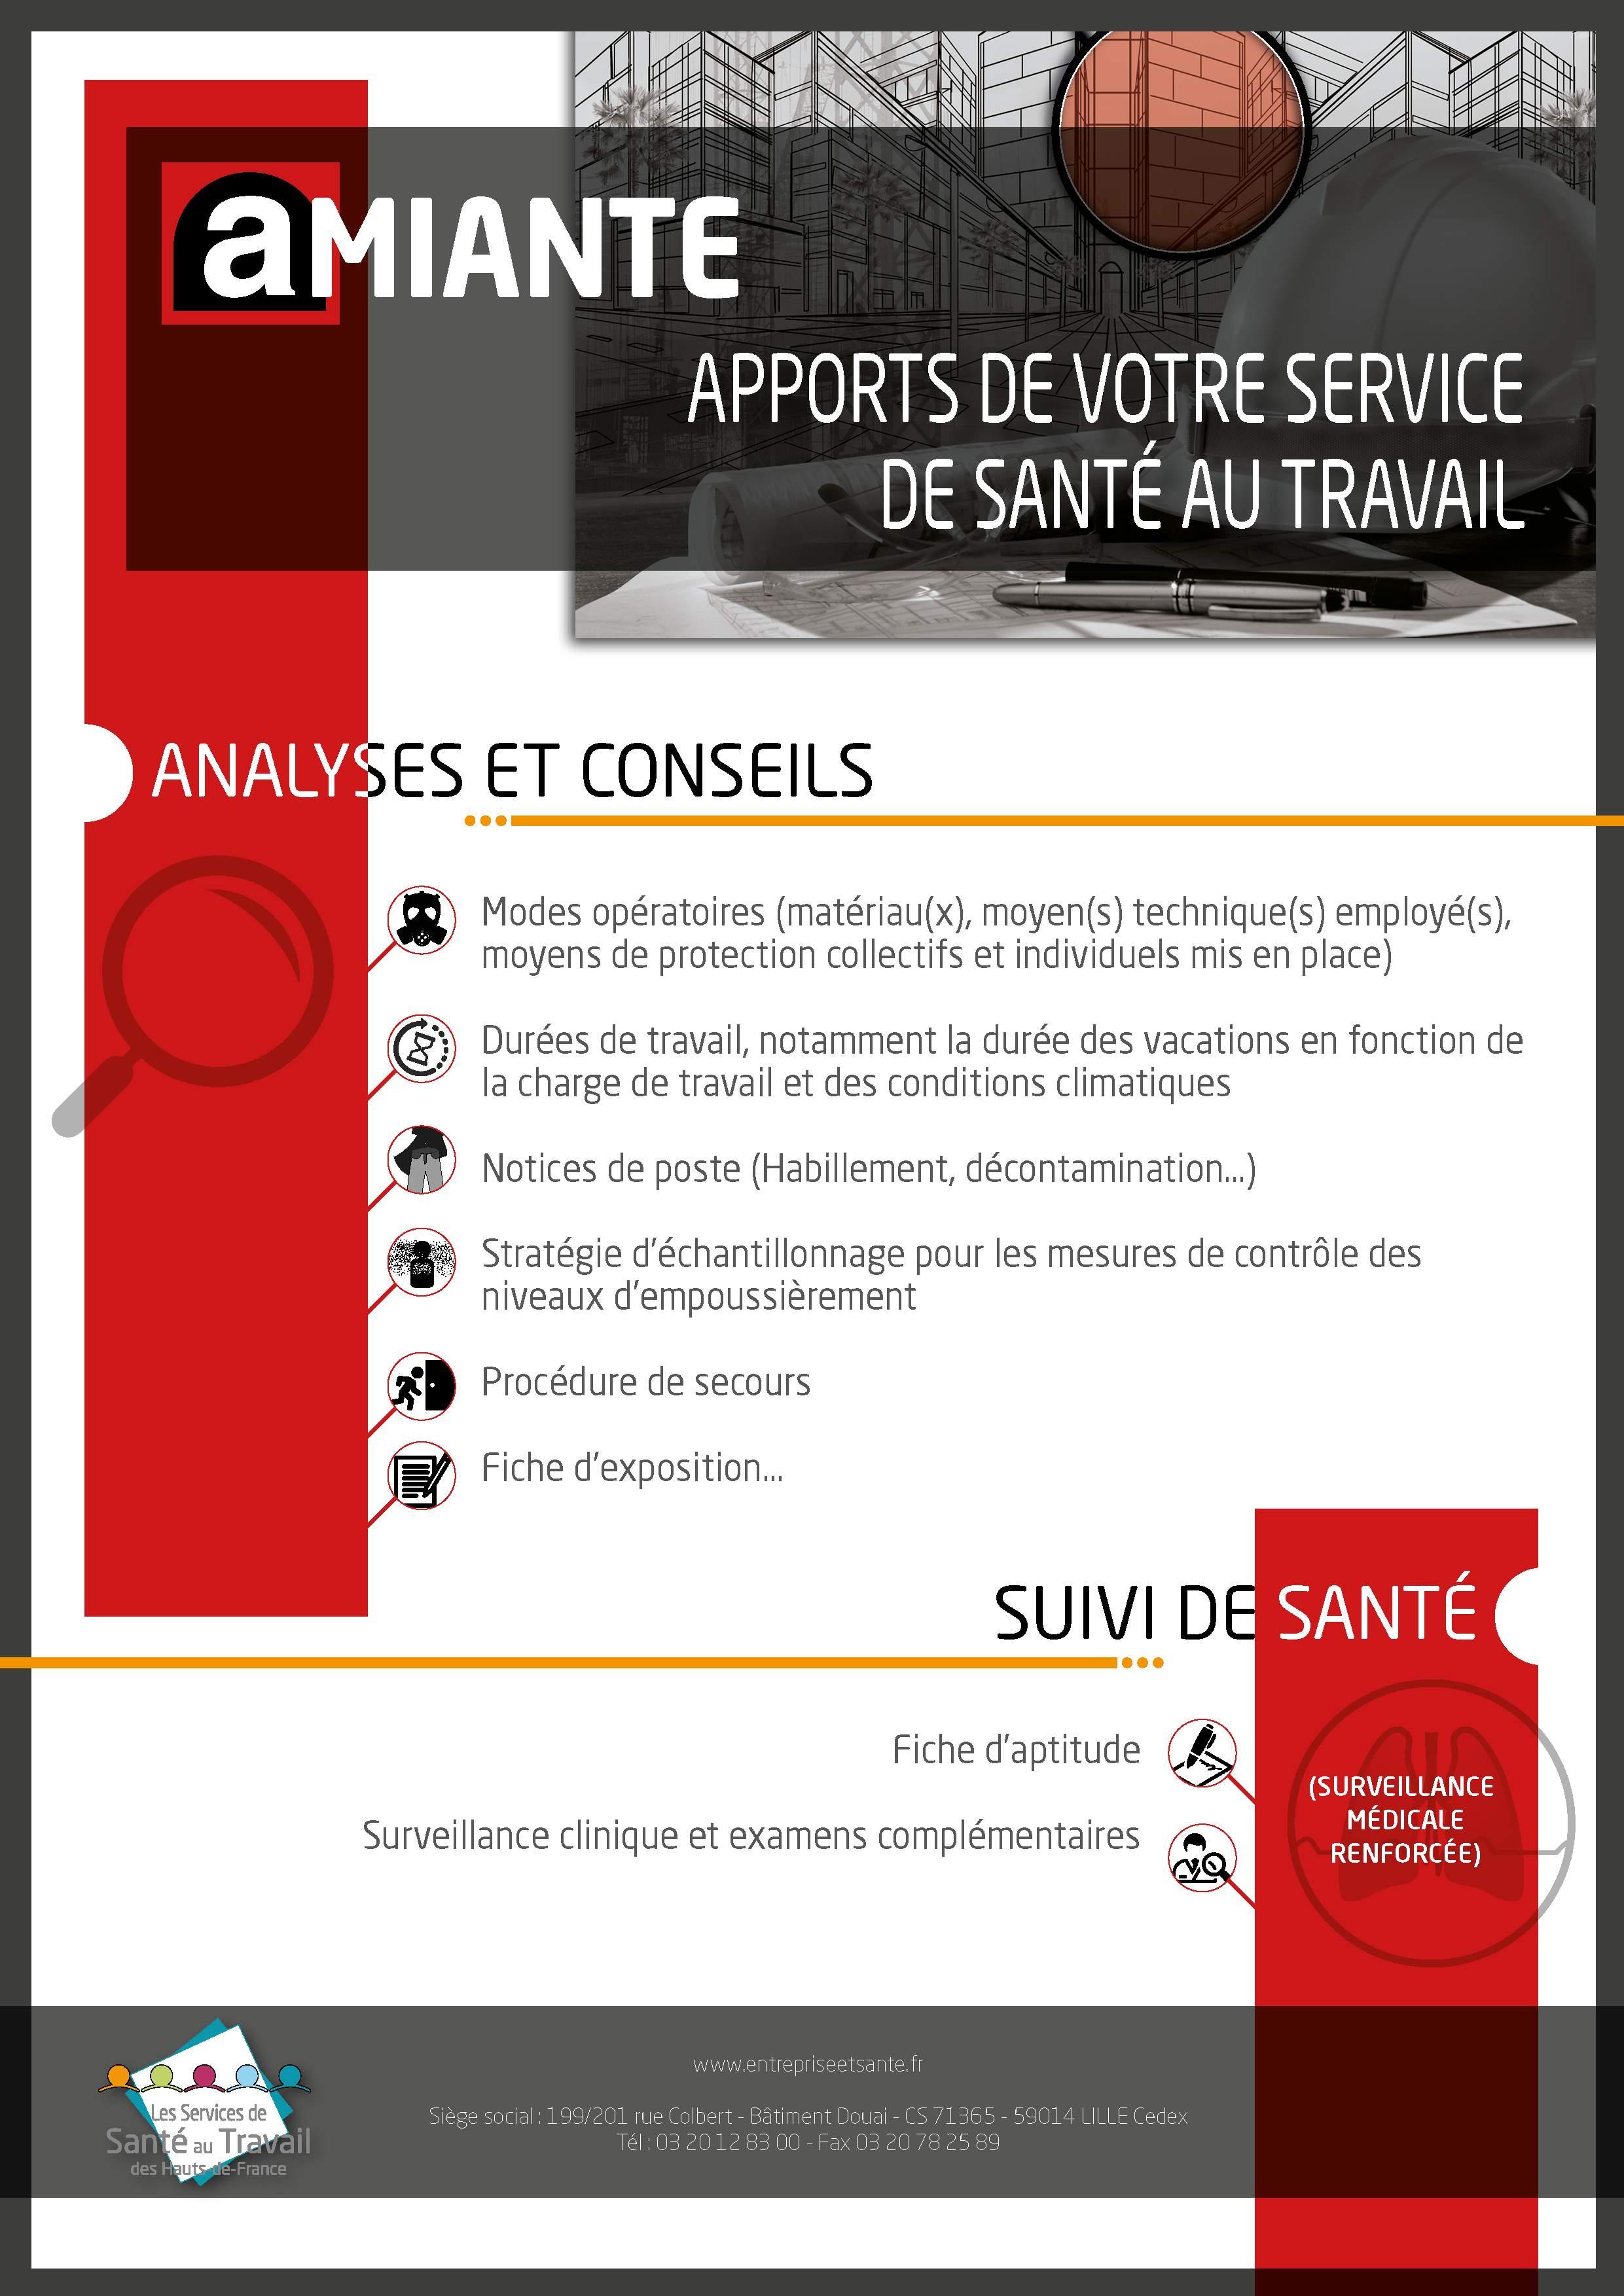 publicite_site_web_amiante